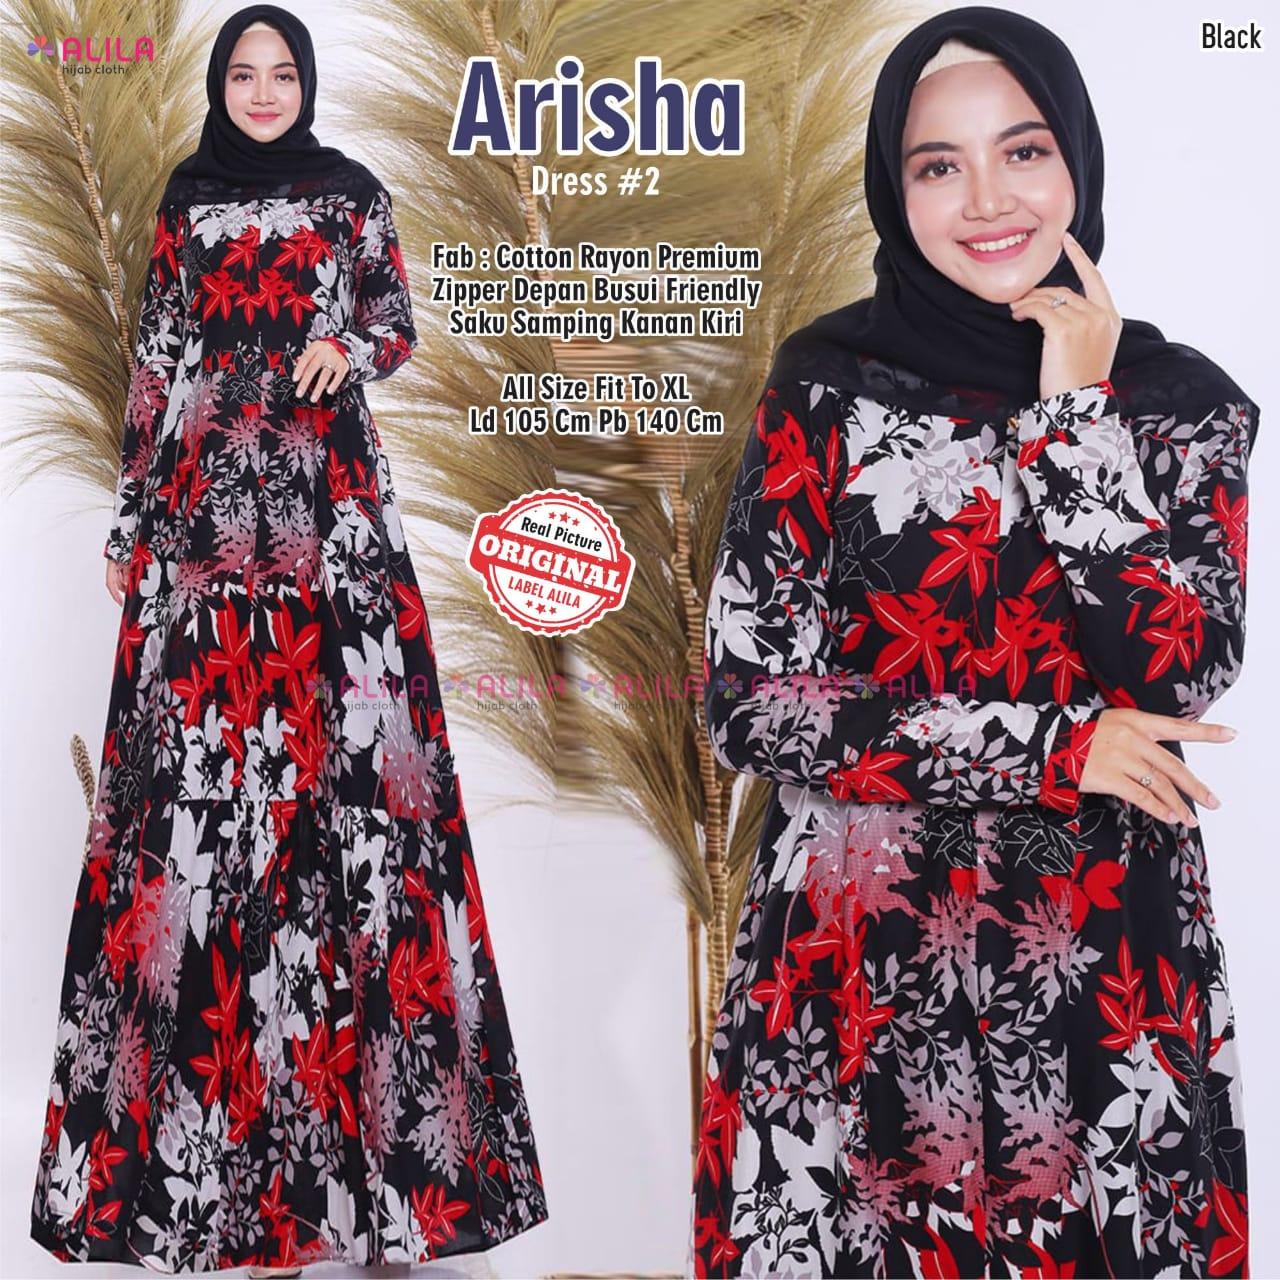 Dress Arisha #10 Katun Rayon Premium  Model Gamis Terbaru 100100 Untuk  RemajaModel Baju dress Panjang EleganDress Baju Muslim Wanita  TerbaruSketsa